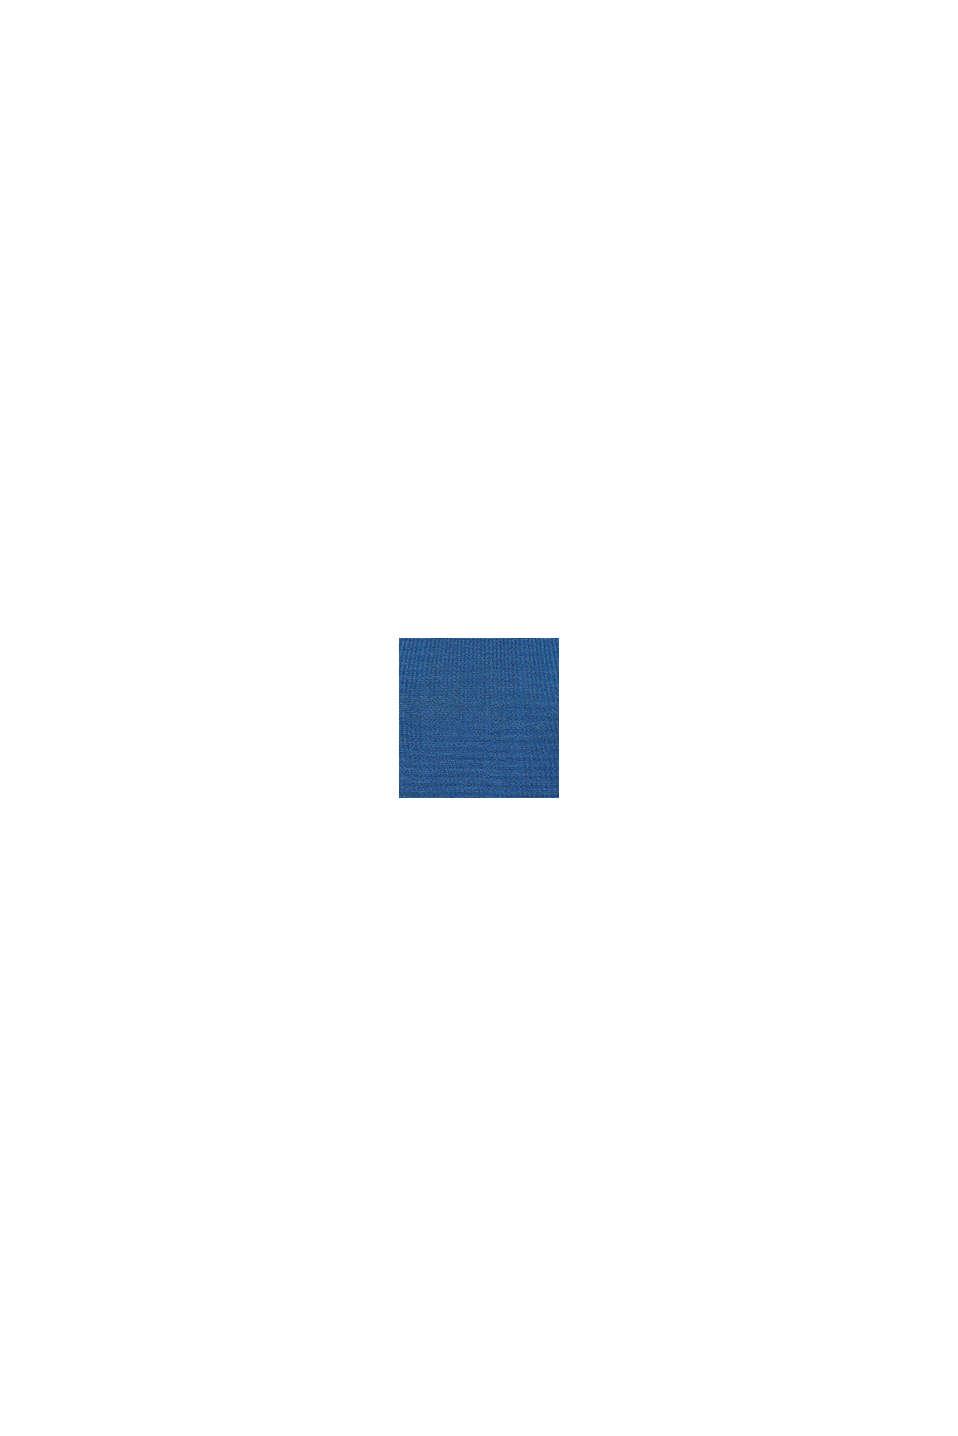 Fin strikbluse med pynteknapper, CINDER BLUE, swatch